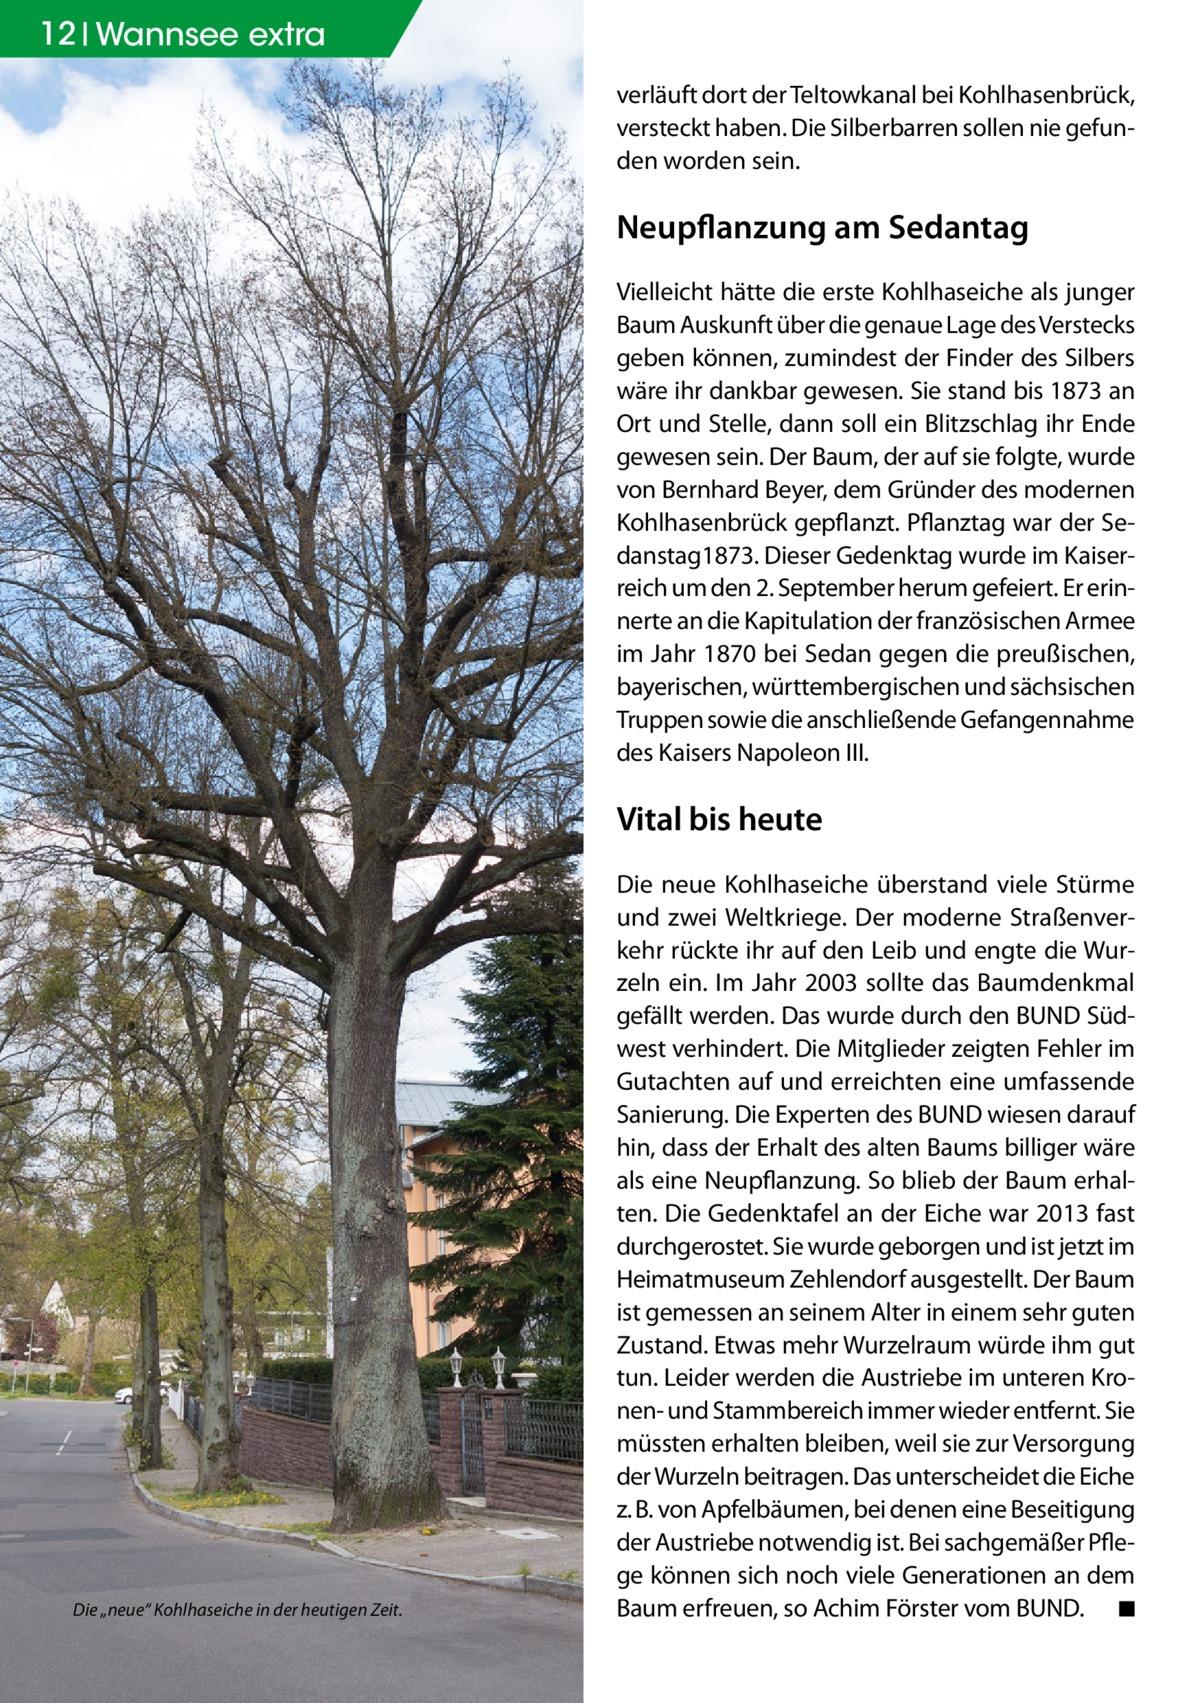 """12 Wannsee extra verläuft dort der Teltowkanal bei Kohlhasenbrück, versteckt haben. Die Silberbarren sollen nie gefunden worden sein.  Neupflanzung am Sedantag Vielleicht hätte die erste Kohlhaseiche als junger Baum Auskunft über die genaue Lage des Verstecks geben können, zumindest der Finder des Silbers wäre ihr dankbar gewesen. Sie stand bis 1873 an Ort und Stelle, dann soll ein Blitzschlag ihr Ende gewesen sein. Der Baum, der auf sie folgte, wurde von Bernhard Beyer, dem Gründer des modernen Kohlhasenbrück gepflanzt. Pflanztag war der Sedanstag1873. Dieser Gedenktag wurde im Kaiserreich um den 2.September herum gefeiert. Er erinnerte an die Kapitulation der französischen Armee im Jahr 1870 bei Sedan gegen die preußischen, bayerischen, württembergischen und sächsischen Truppen sowie die anschließende Gefangennahme des Kaisers Napoleon III.  Vital bis heute  Die """"neue"""" Kohlhaseiche in der heutigen Zeit.  Die neue Kohlhaseiche überstand viele Stürme und zwei Weltkriege. Der moderne Straßenverkehr rückte ihr auf den Leib und engte die Wurzeln ein. Im Jahr 2003 sollte das Baumdenkmal gefällt werden. Das wurde durch den BUND Südwest verhindert. Die Mitglieder zeigten Fehler im Gutachten auf und erreichten eine umfassende Sanierung. Die Experten des BUND wiesen darauf hin, dass der Erhalt des alten Baums billiger wäre als eine Neupflanzung. So blieb der Baum erhalten. Die Gedenktafel an der Eiche war 2013 fast durchgerostet. Sie wurde geborgen und ist jetzt im Heimatmuseum Zehlendorf ausgestellt. Der Baum ist gemessen an seinem Alter in einem sehr guten Zustand. Etwas mehr Wurzelraum würde ihm gut tun. Leider werden die Austriebe im unteren Kronen- und Stammbereich immer wieder entfernt. Sie müssten erhalten bleiben, weil sie zur Versorgung der Wurzeln beitragen. Das unterscheidet die Eiche z.B. von Apfelbäumen, bei denen eine Beseitigung der Austriebe notwendig ist. Bei sachgemäßer Pflege können sich noch viele Generationen an dem Baum erfreuen, so Achim Förster vom B"""